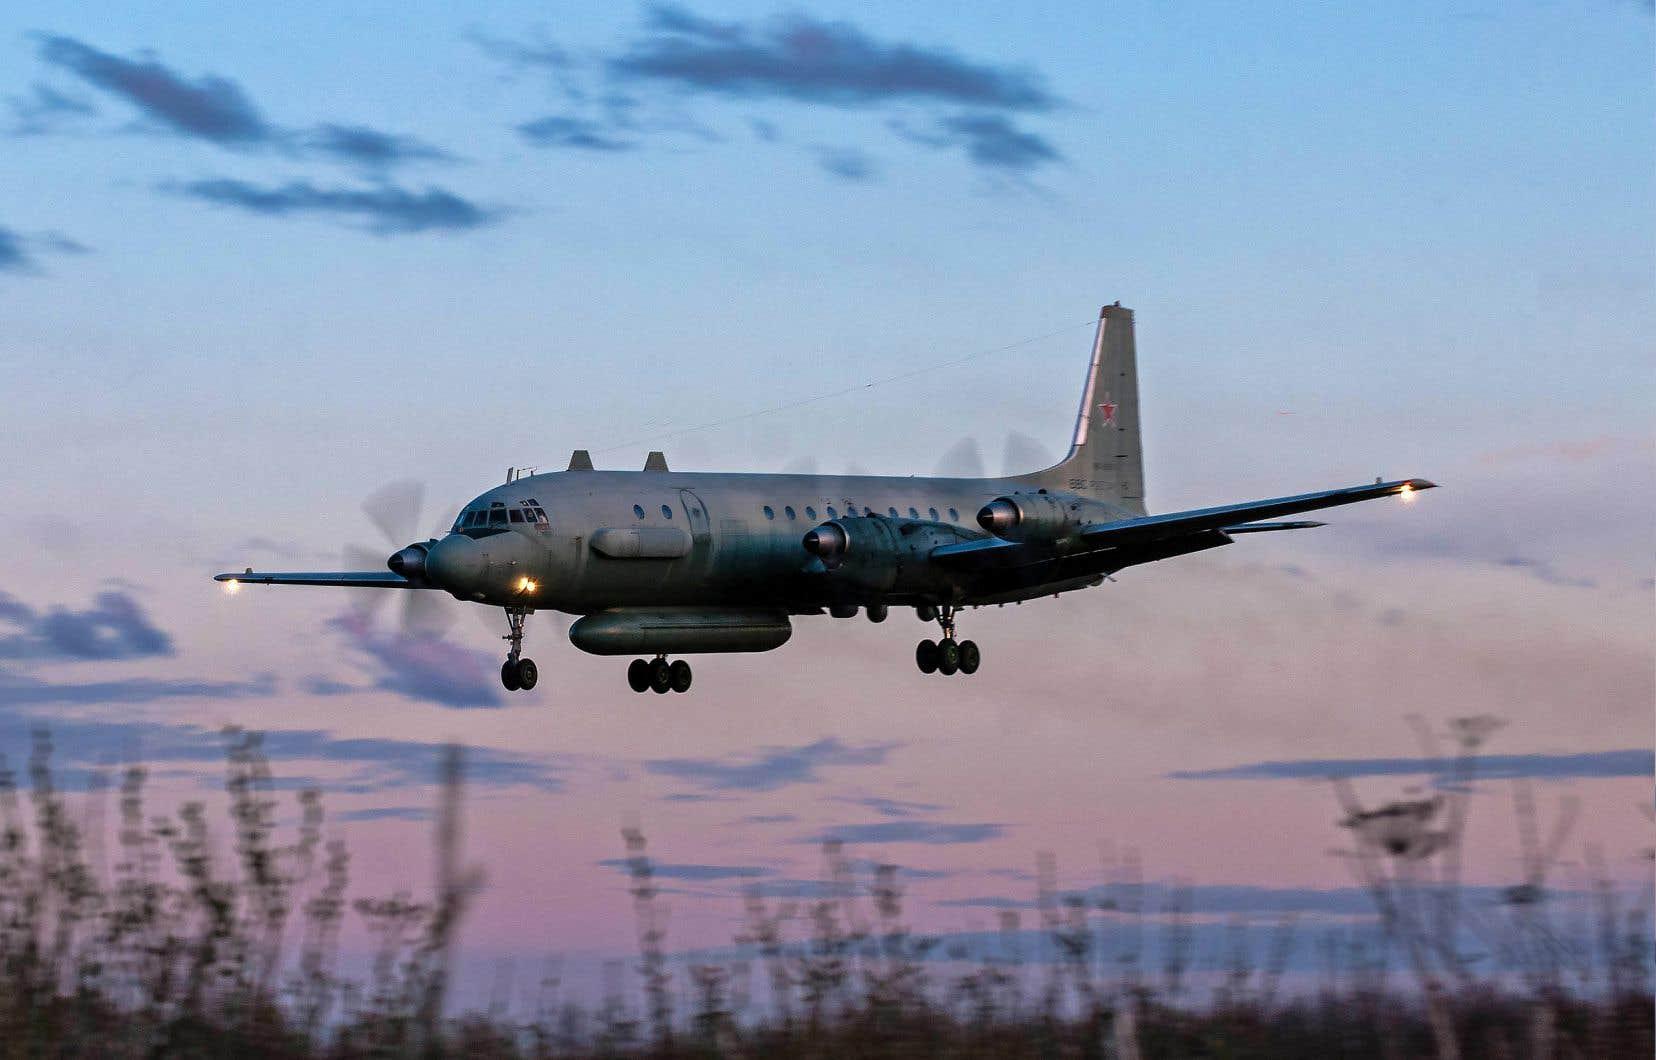 L'incident de l'avion russe abattu est le plus grave entre les deux alliés depuis que Moscou est intervenu militairement fin2015 en Syrie pour épauler le régime de Damas, alors affaibli face aux rebelles et aux djihadistes.